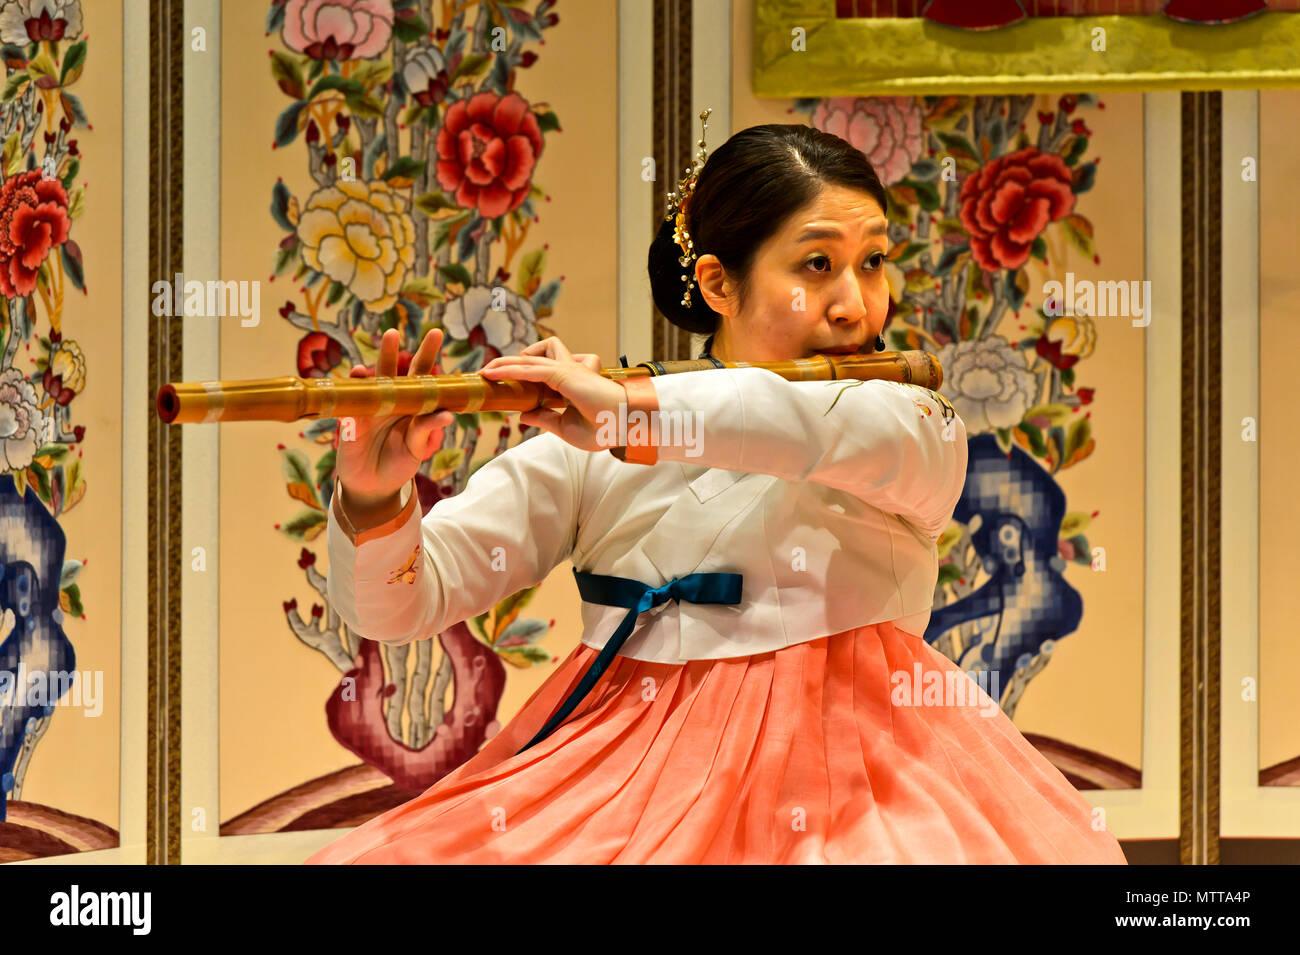 Mujer jugando el tradicional daegeum flauta travesera de bambú, del aeropuerto internacional Incheon de Seúl, Seúl, Corea del Sur Imagen De Stock